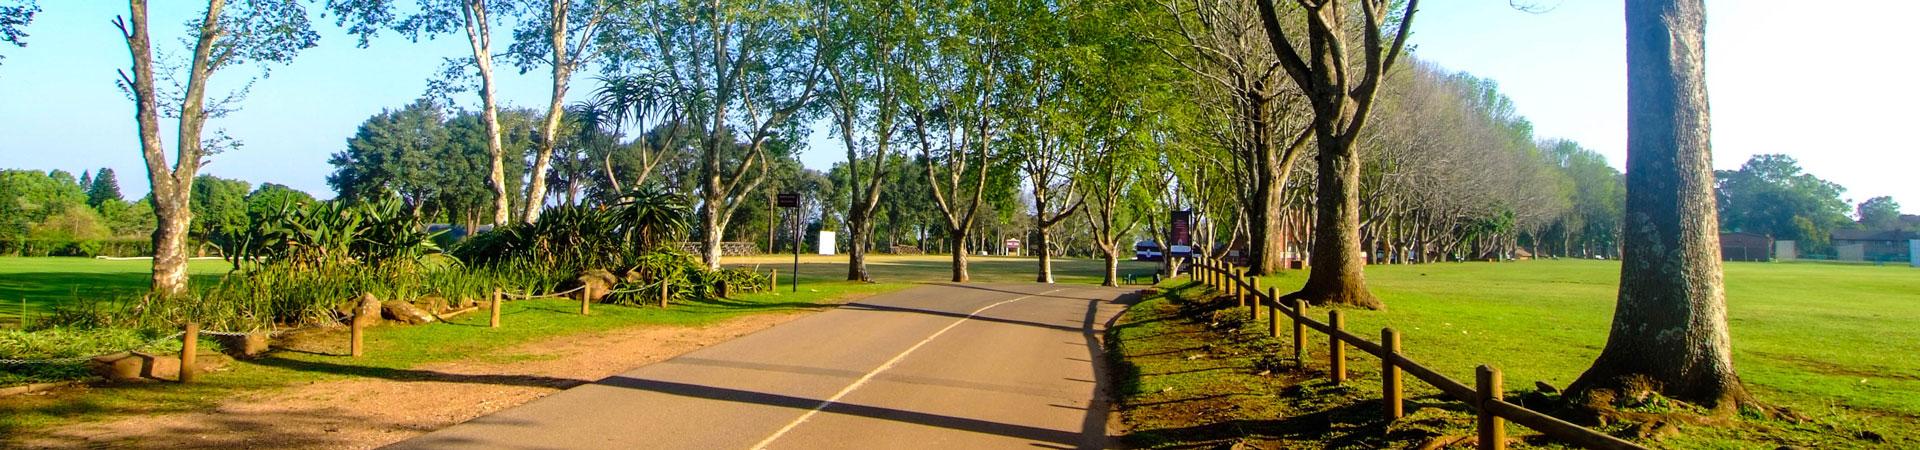 kearsney-college-old-boys-banner-sports-field-boulevard